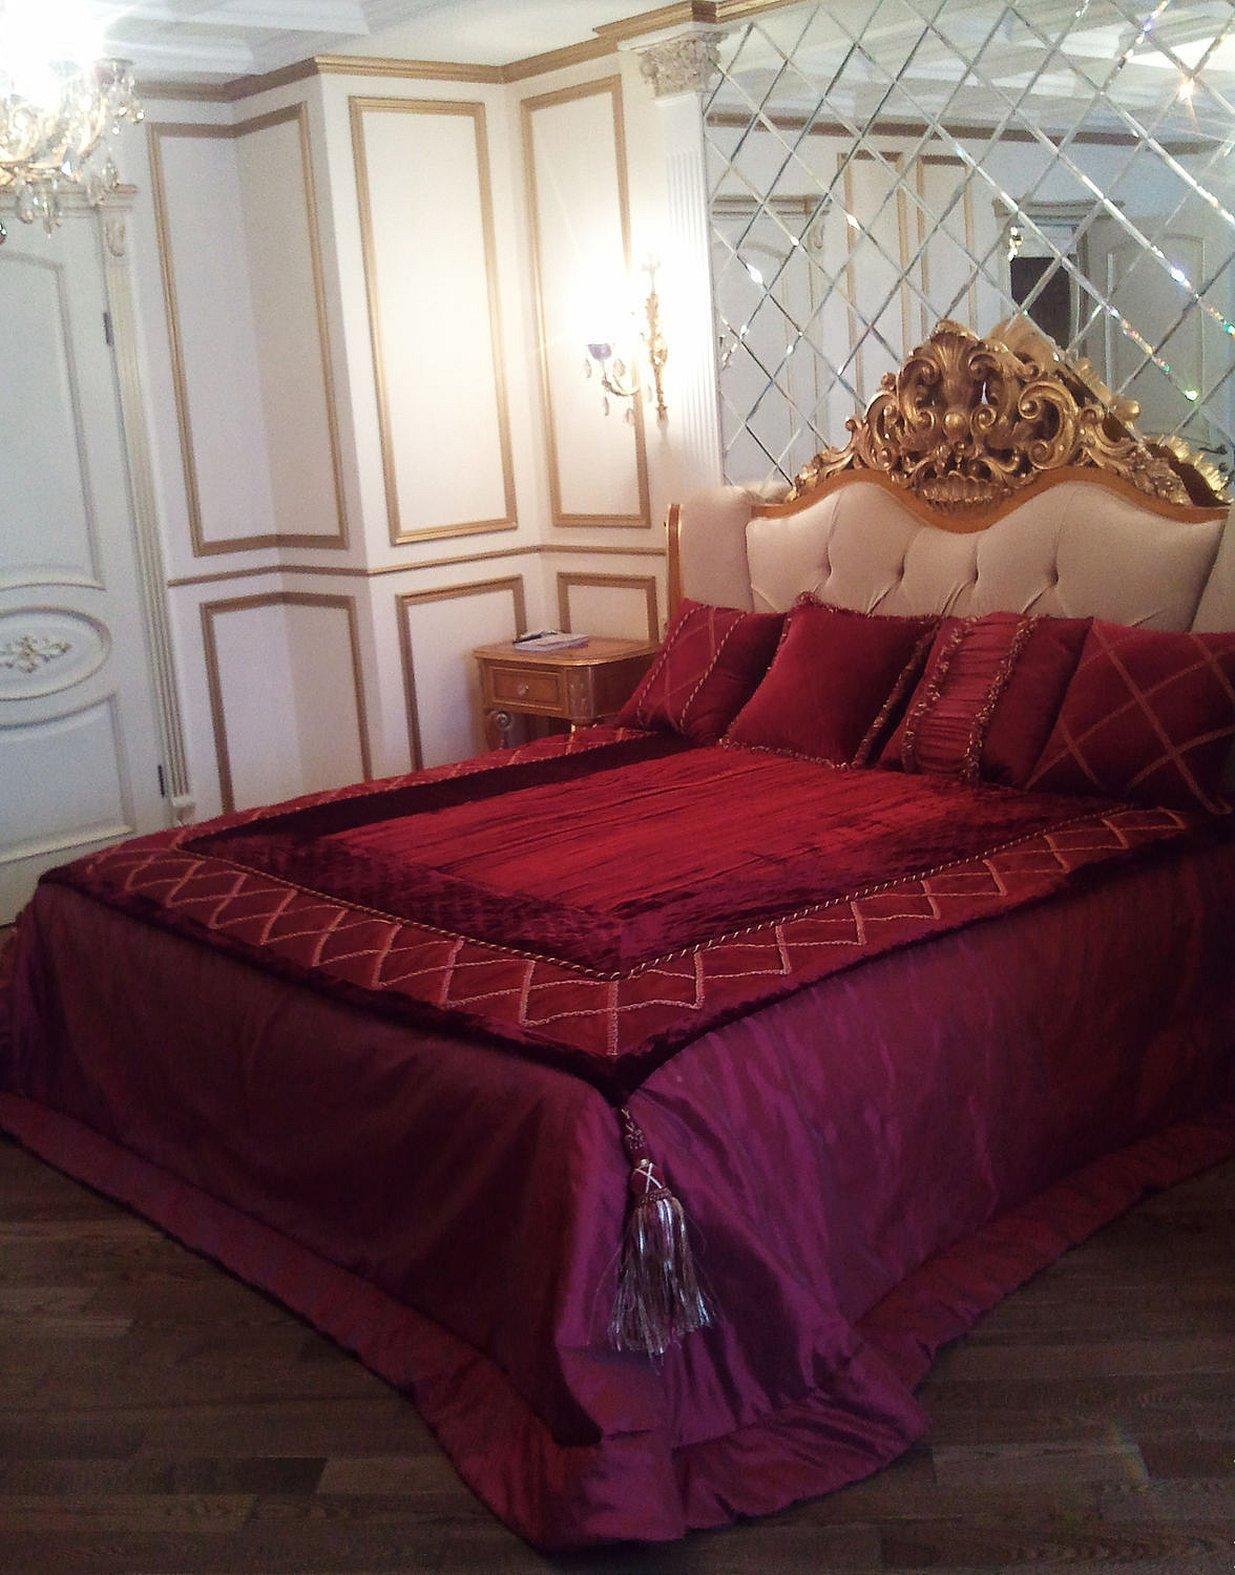 Покрывало на кровать цвета бордо